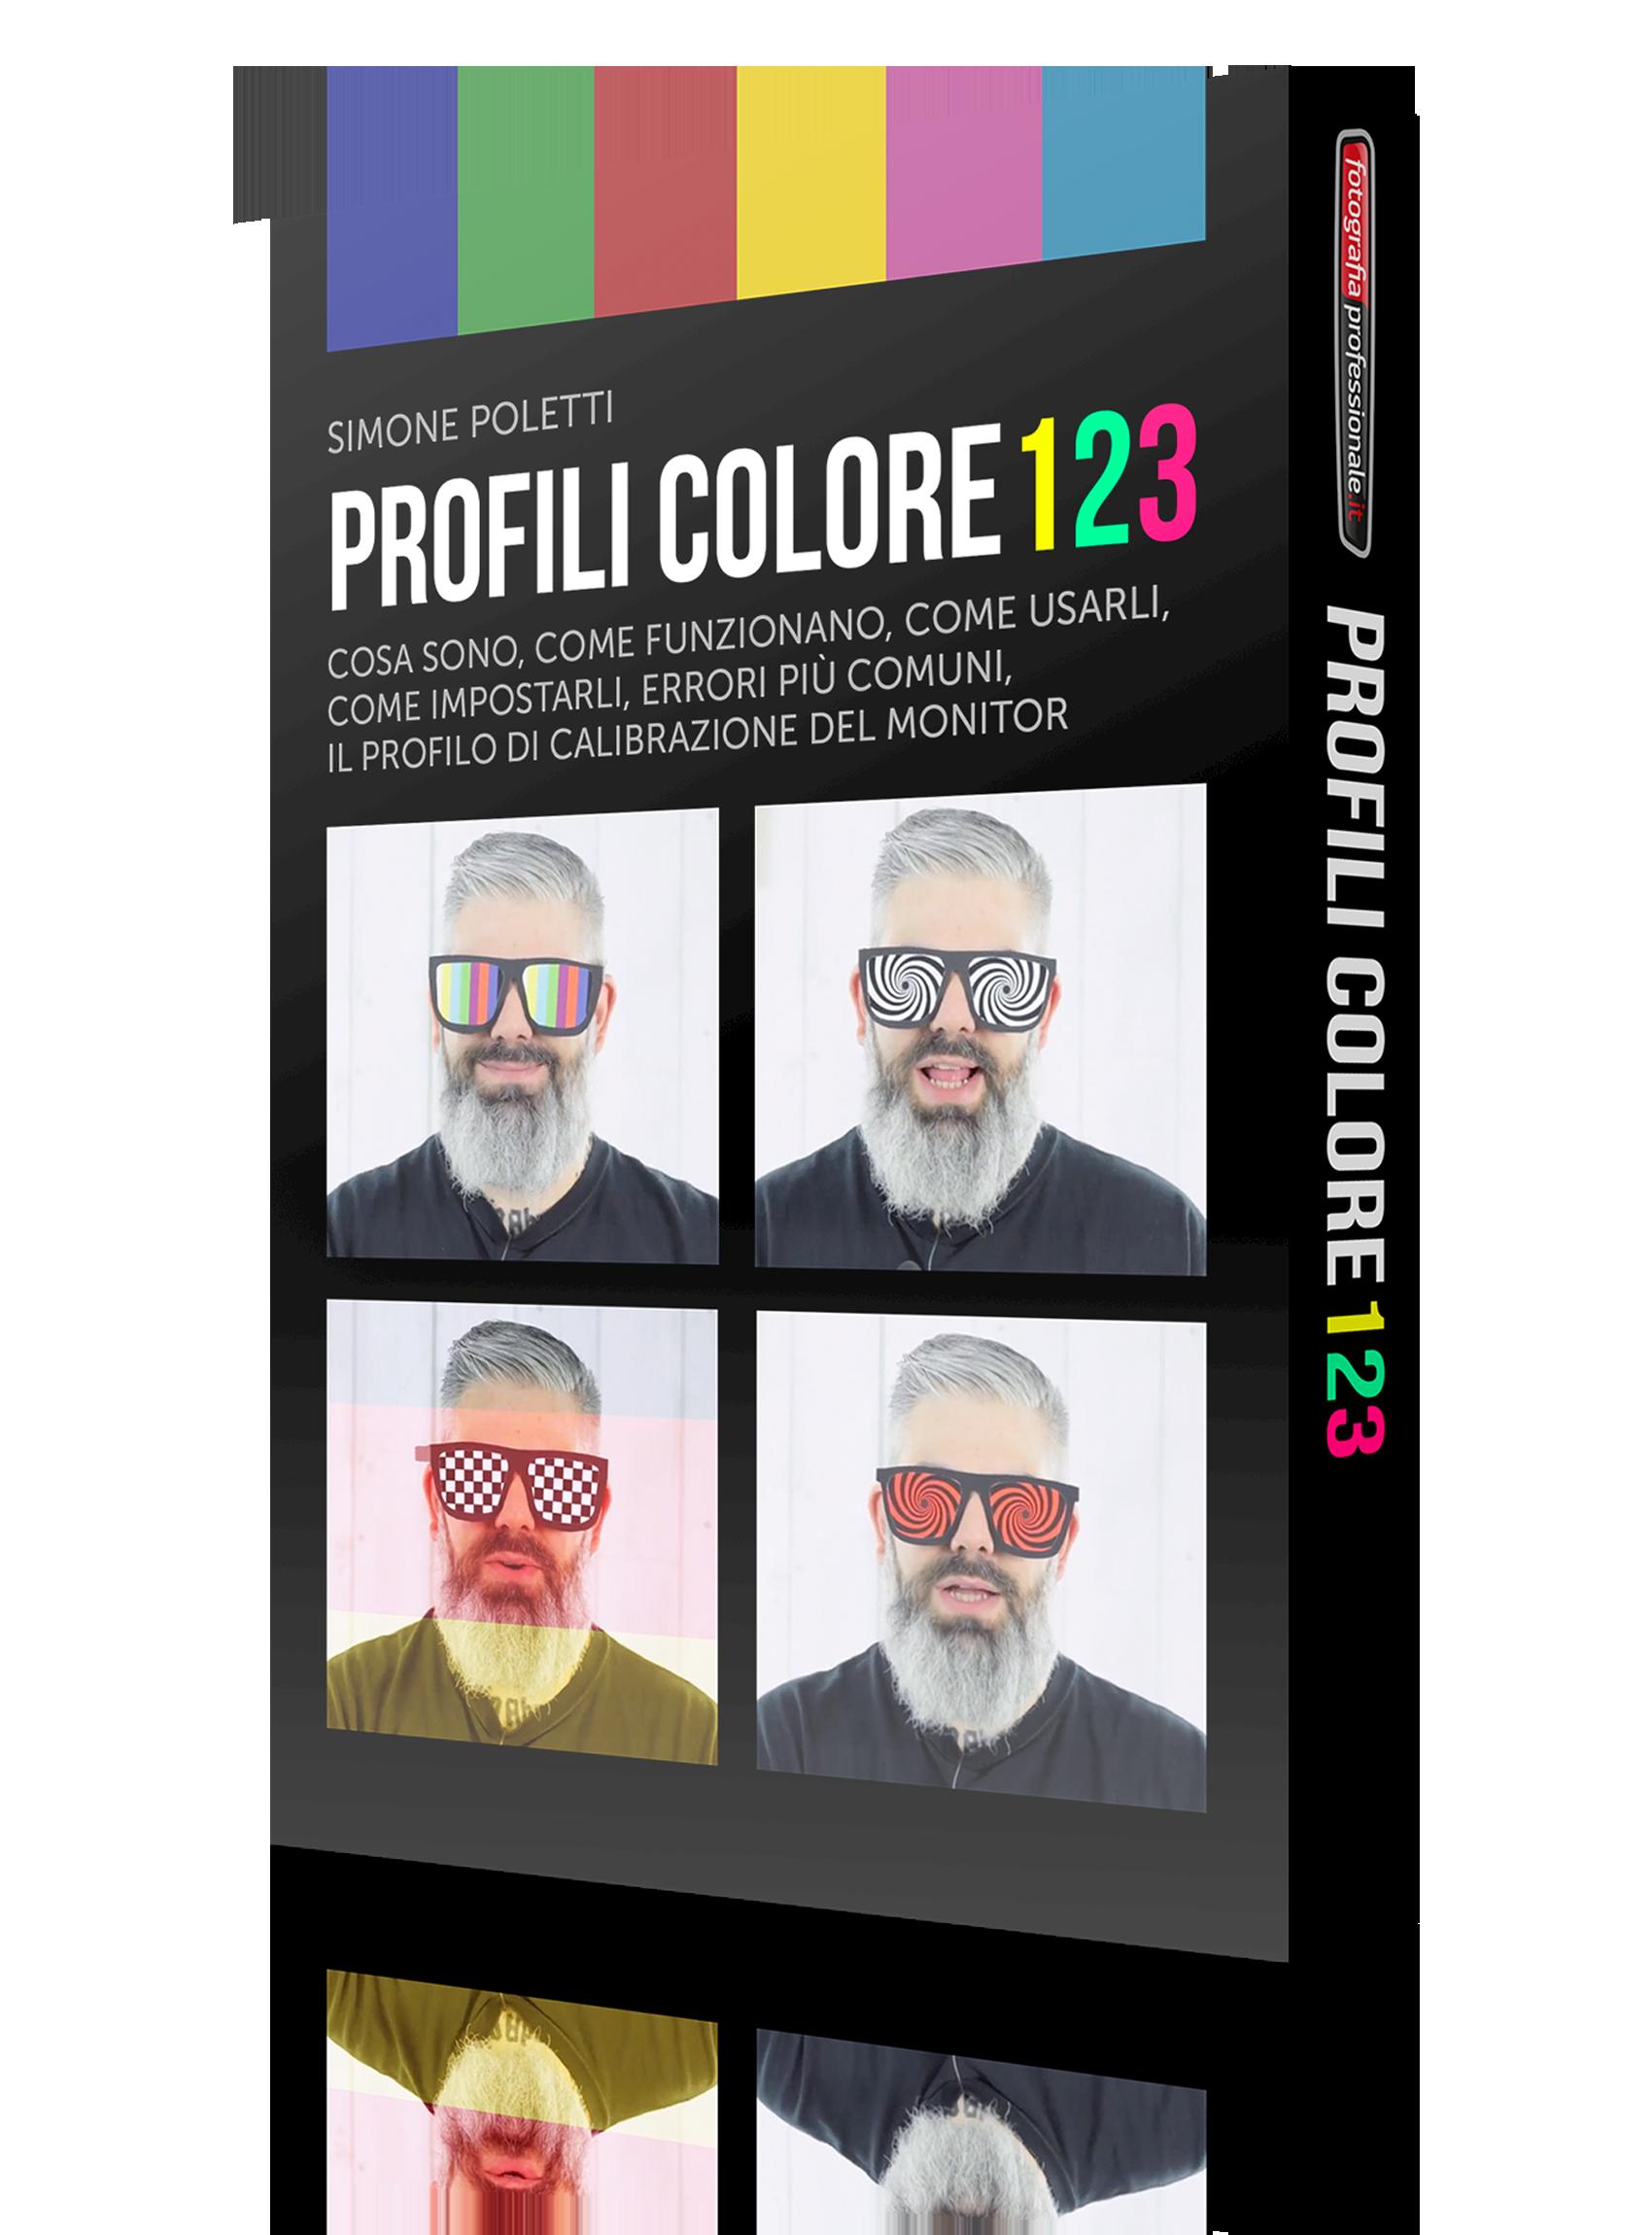 Profili Colore